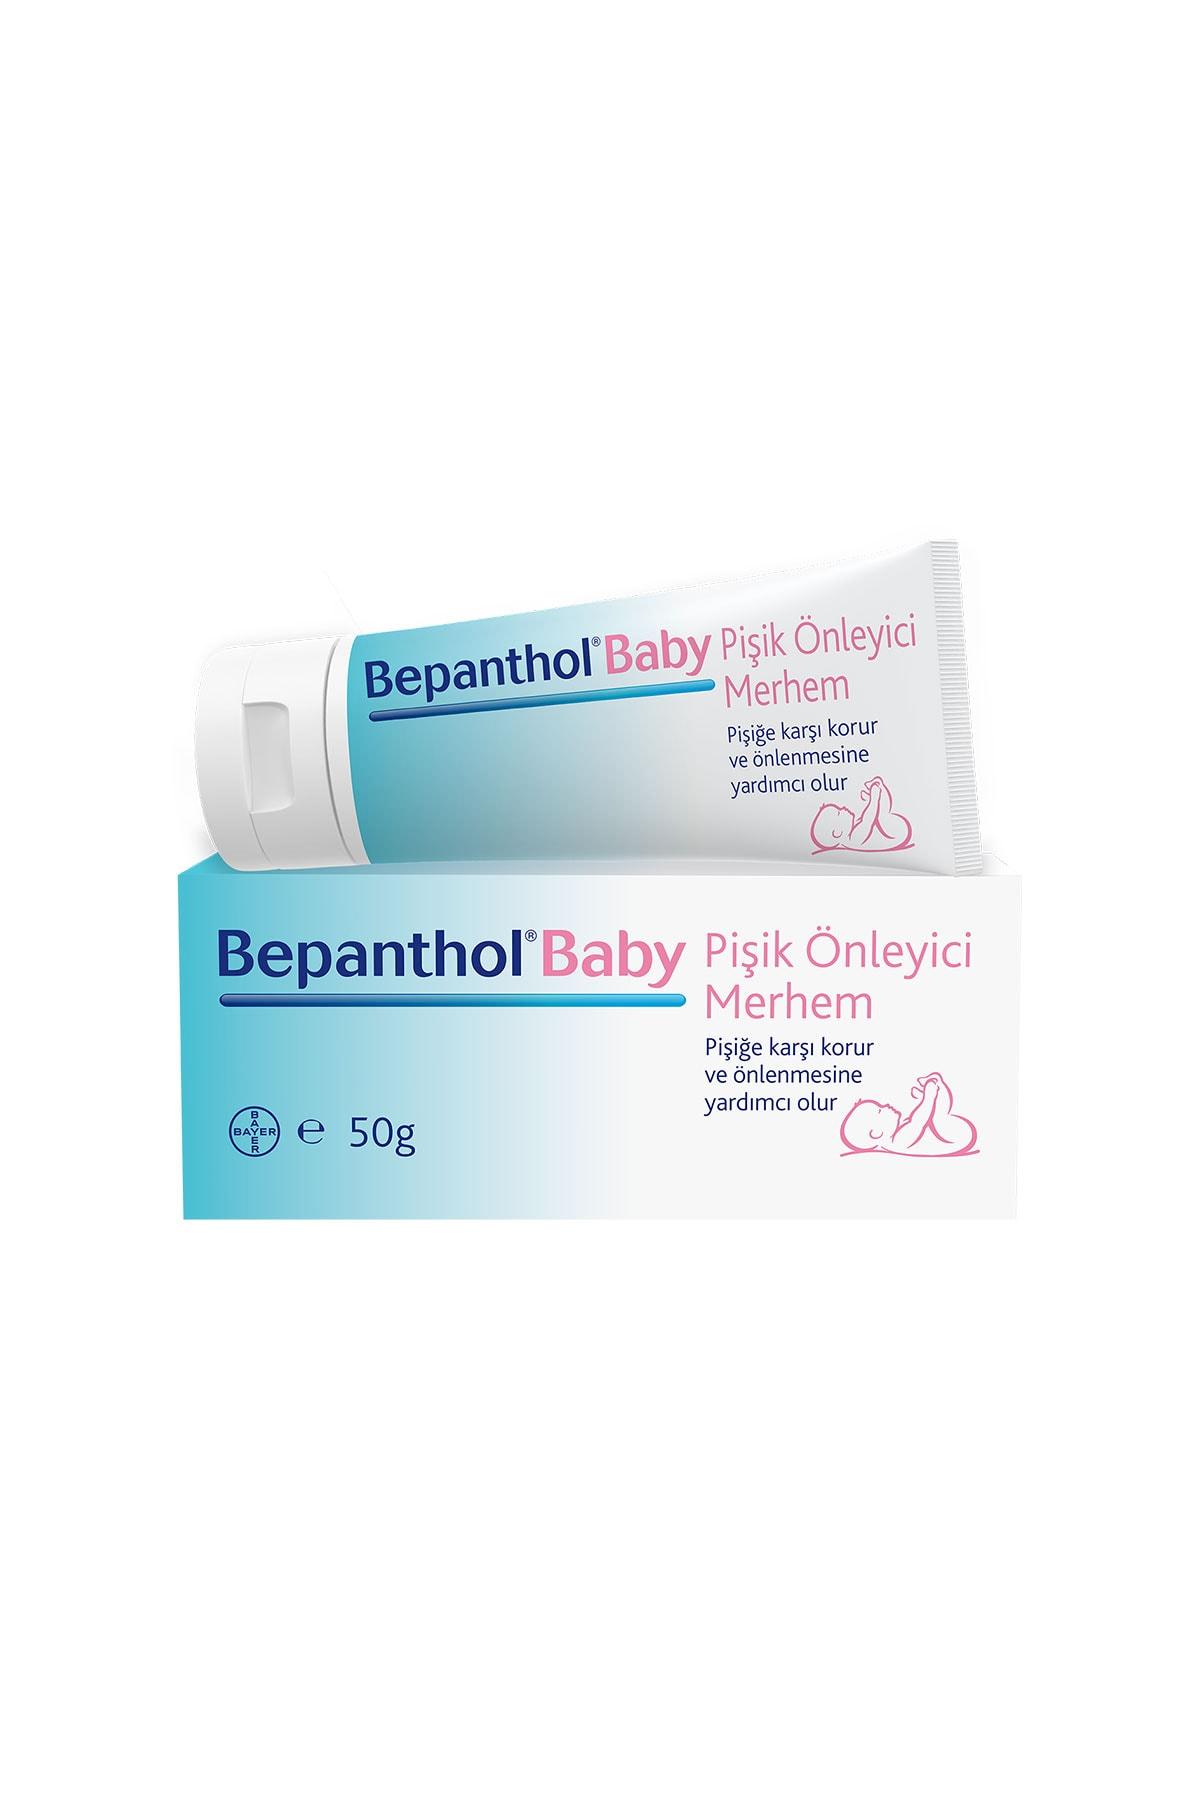 Bepanthol Baby Pişik Önleyici Merhem 50gr 2